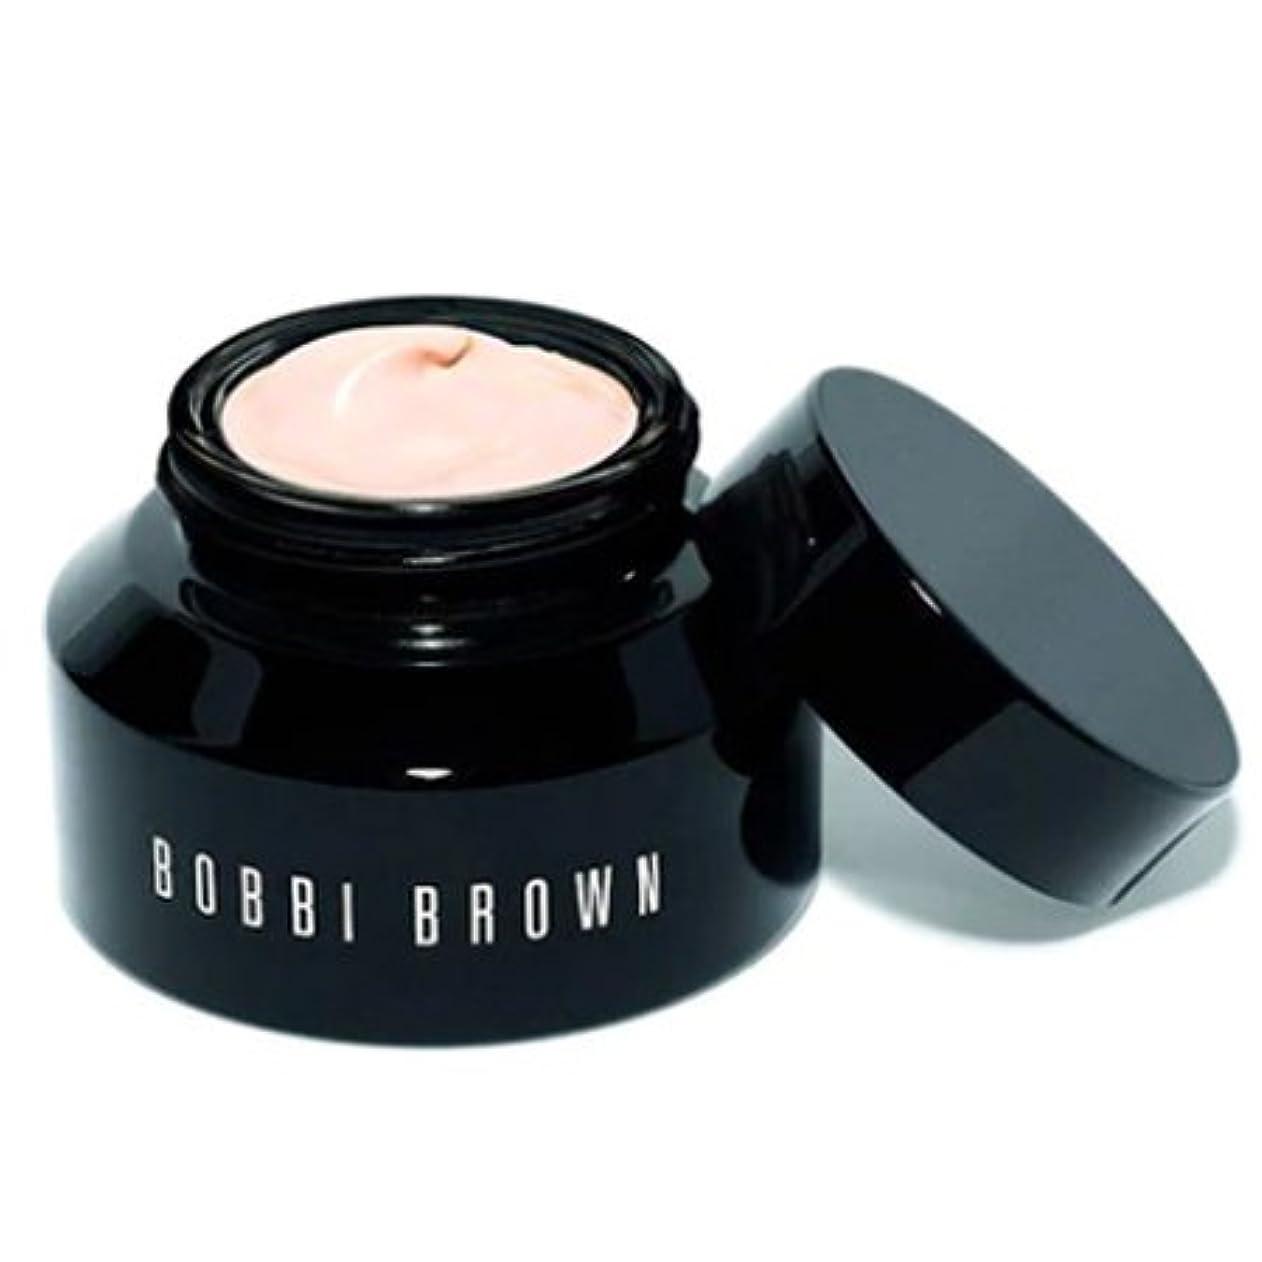 ボビイブラウン イルミネイティング フェイス ベース SPF 25 (PA++) -BOBBI BROWN-